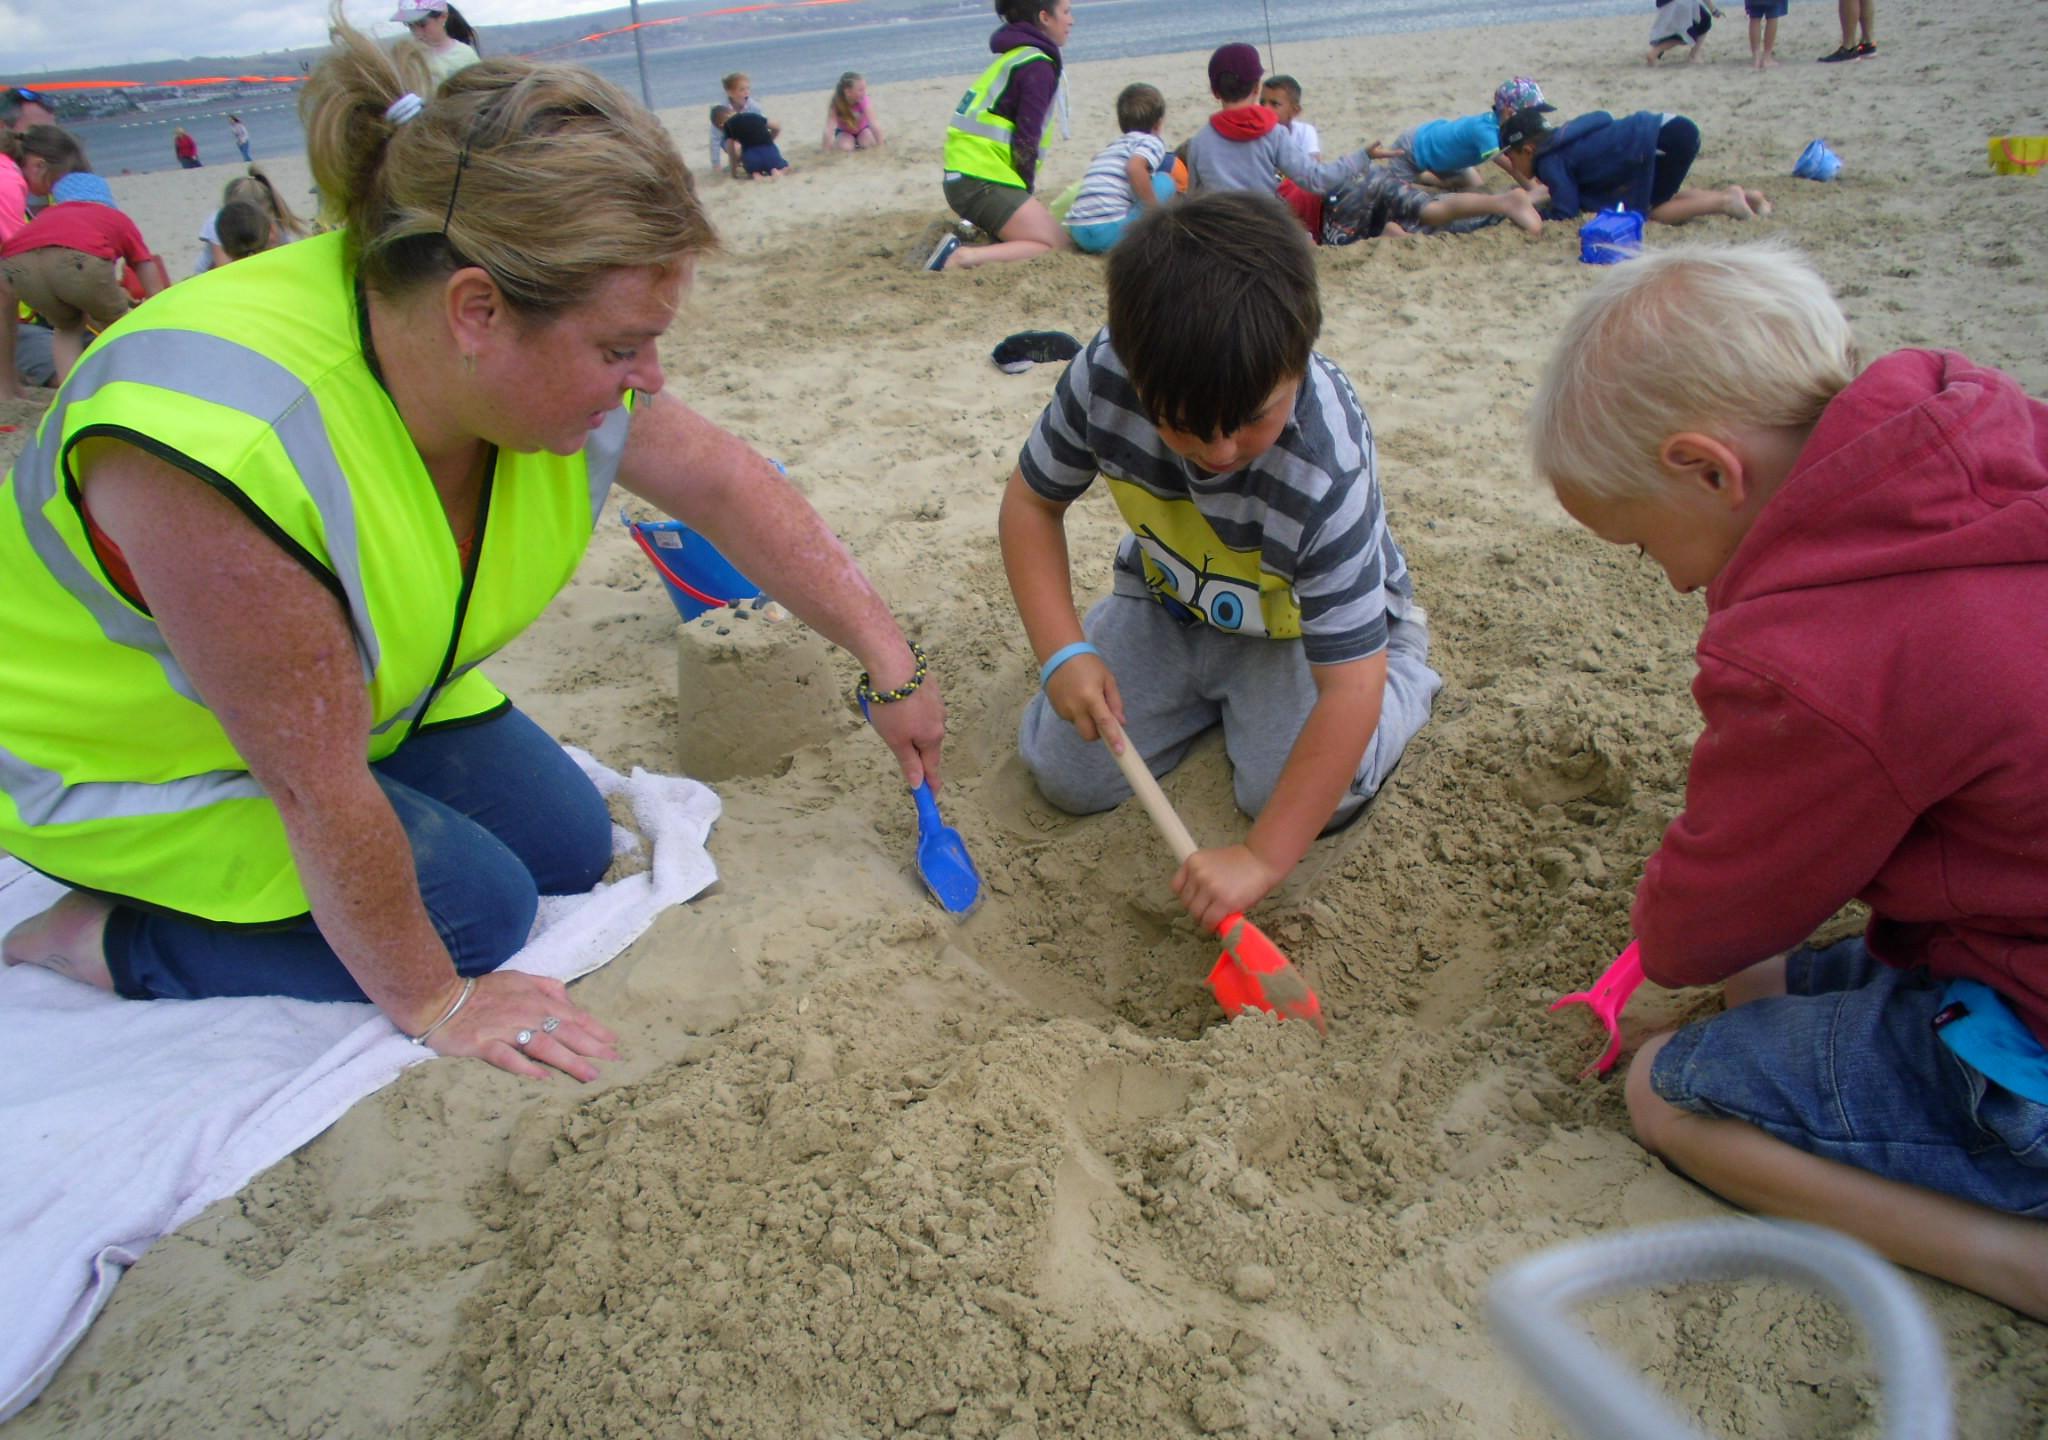 Conifers School Yr2 Beach Trip